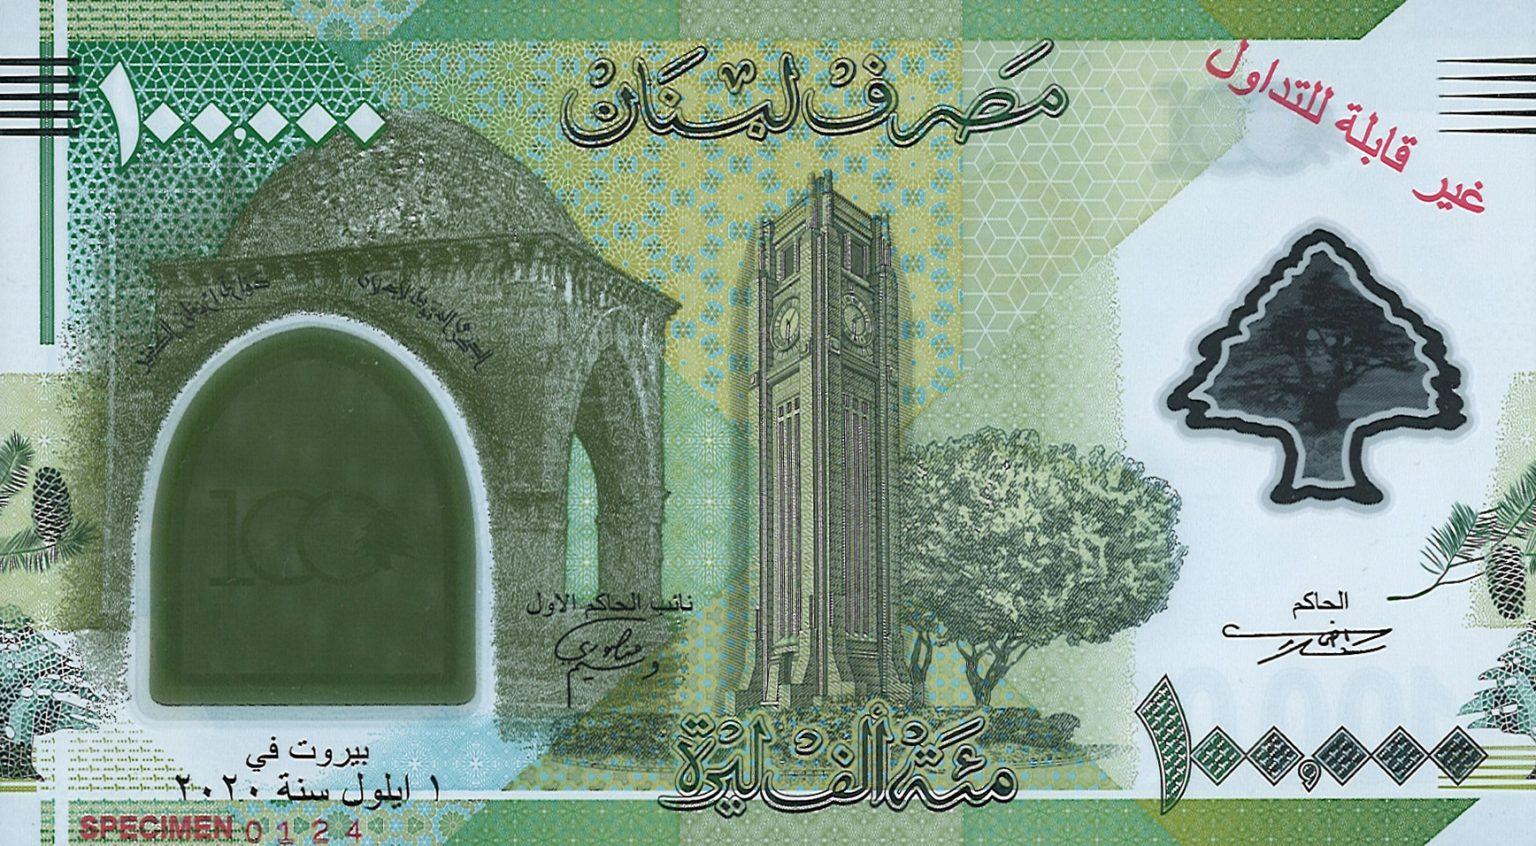 Ливан памятная банкнота 100 000 фунтов 100-летию Великого Ливана, оборотная сторона